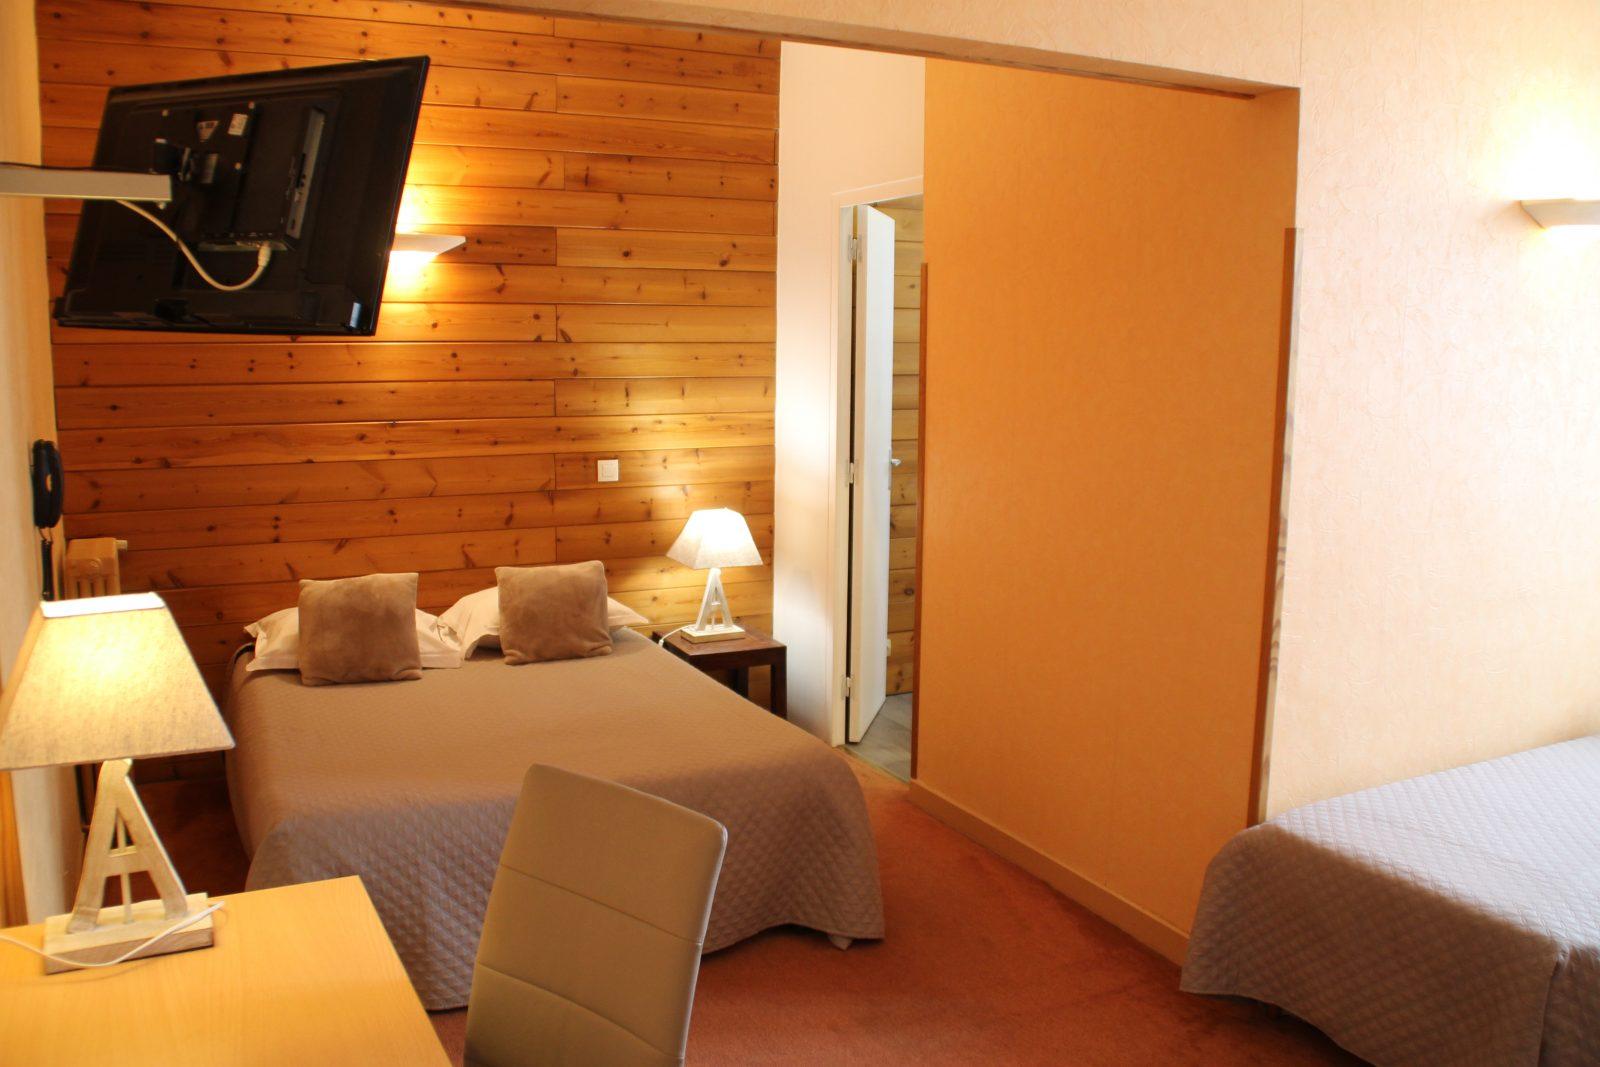 Hôtel Rivière 2